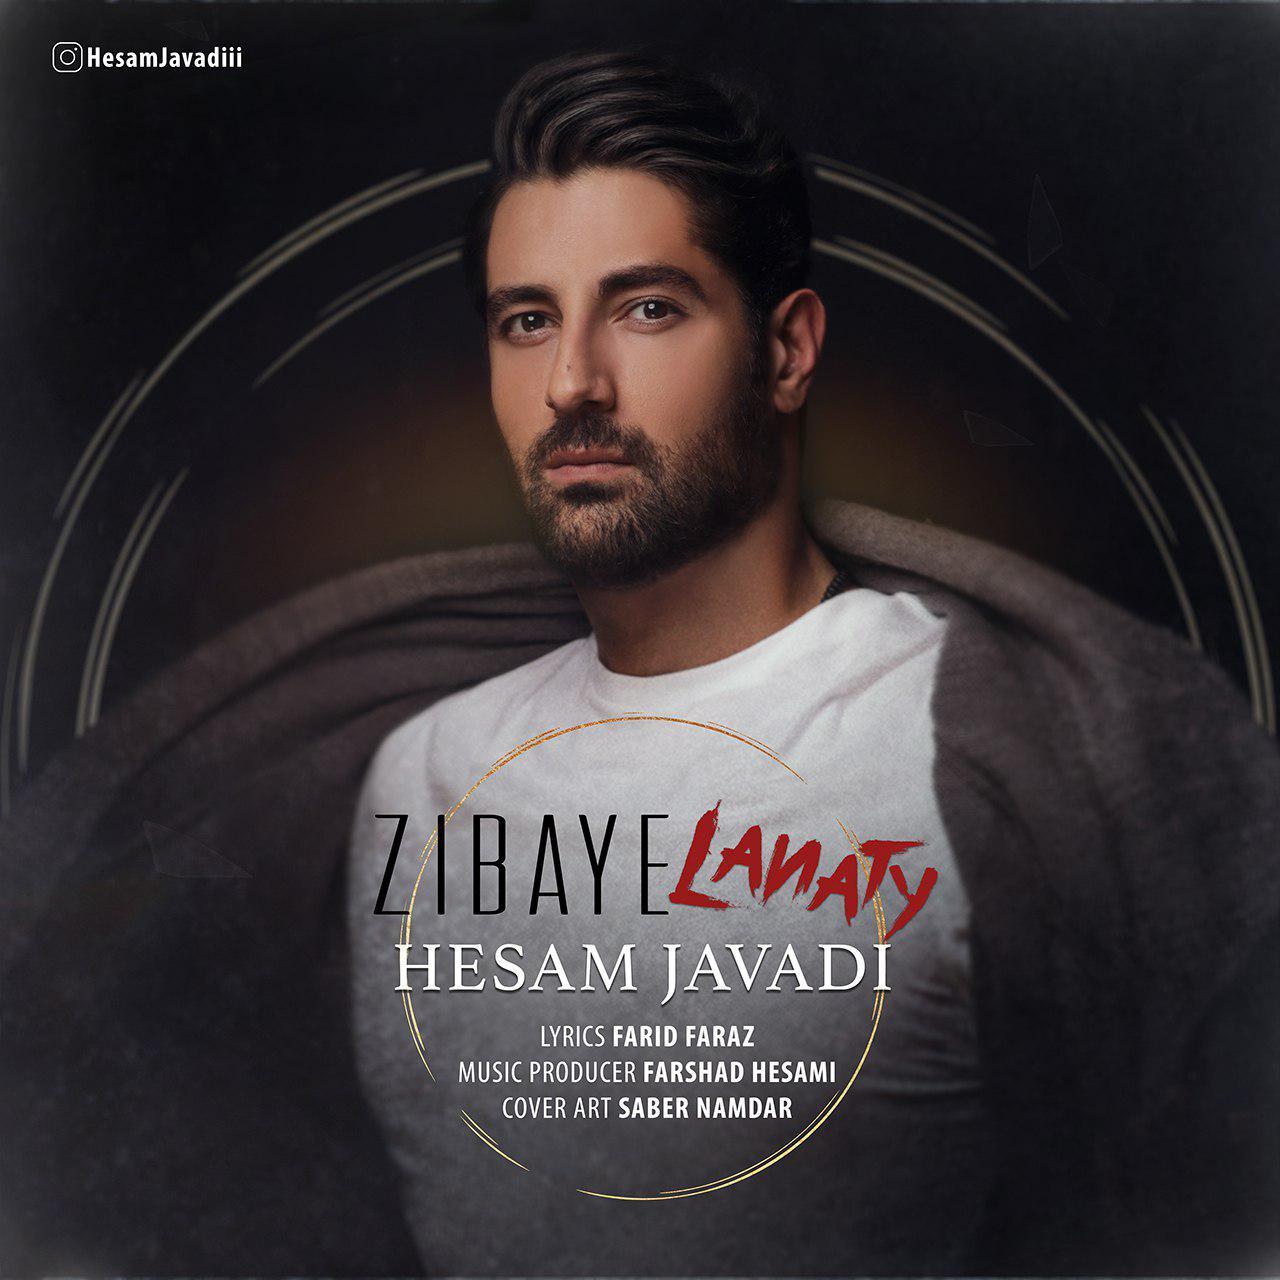 حسام جوادی به نام زیبای لعنتی